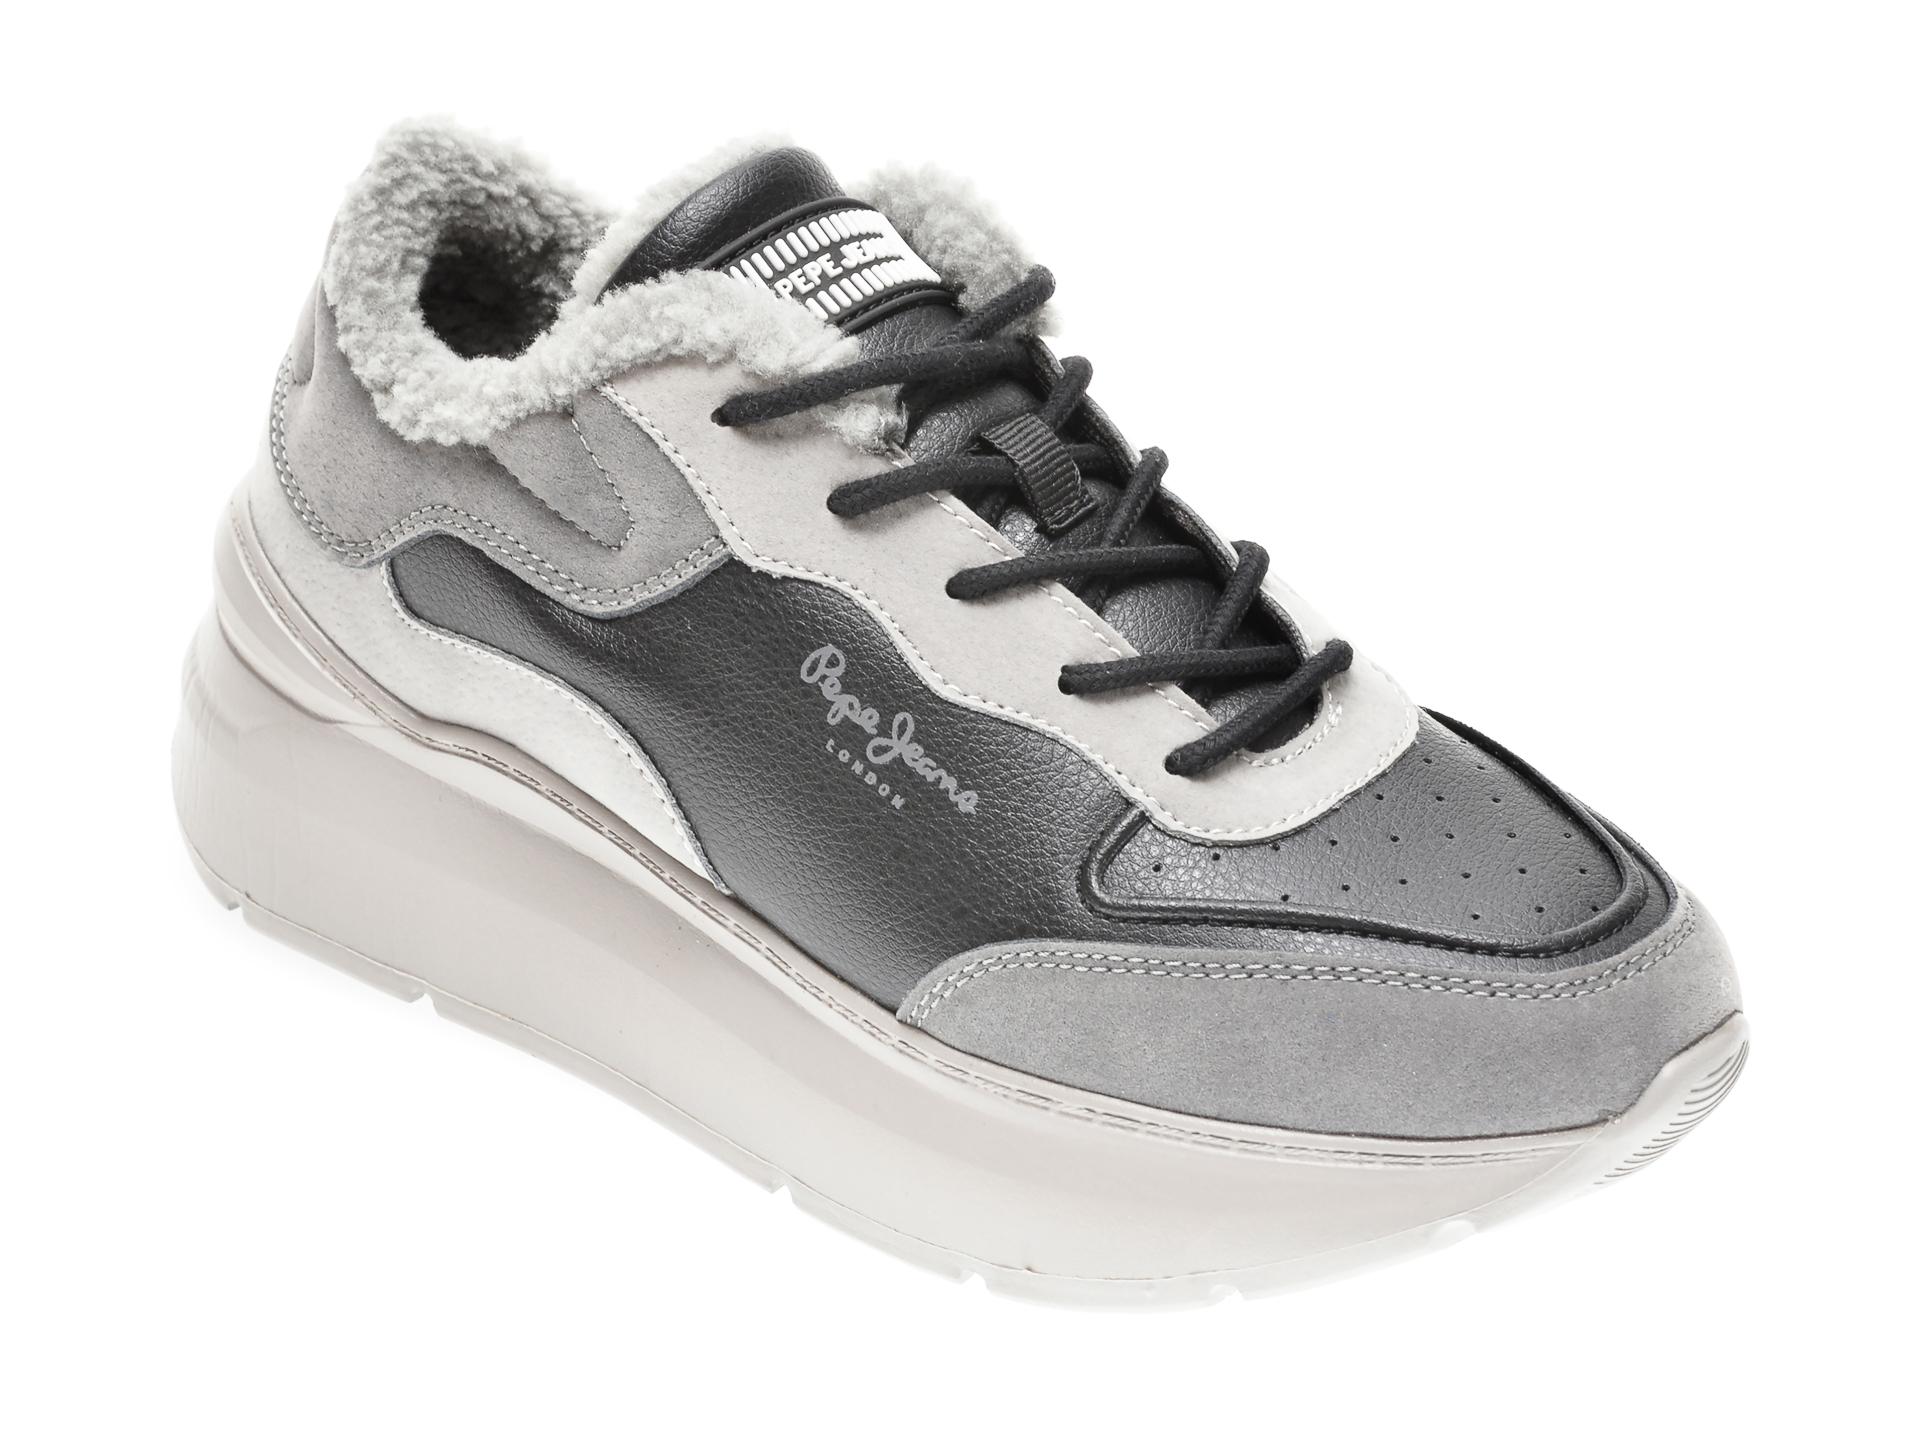 Pantofi sport PEPE JEANS negri, LS31038, din piele ecologica